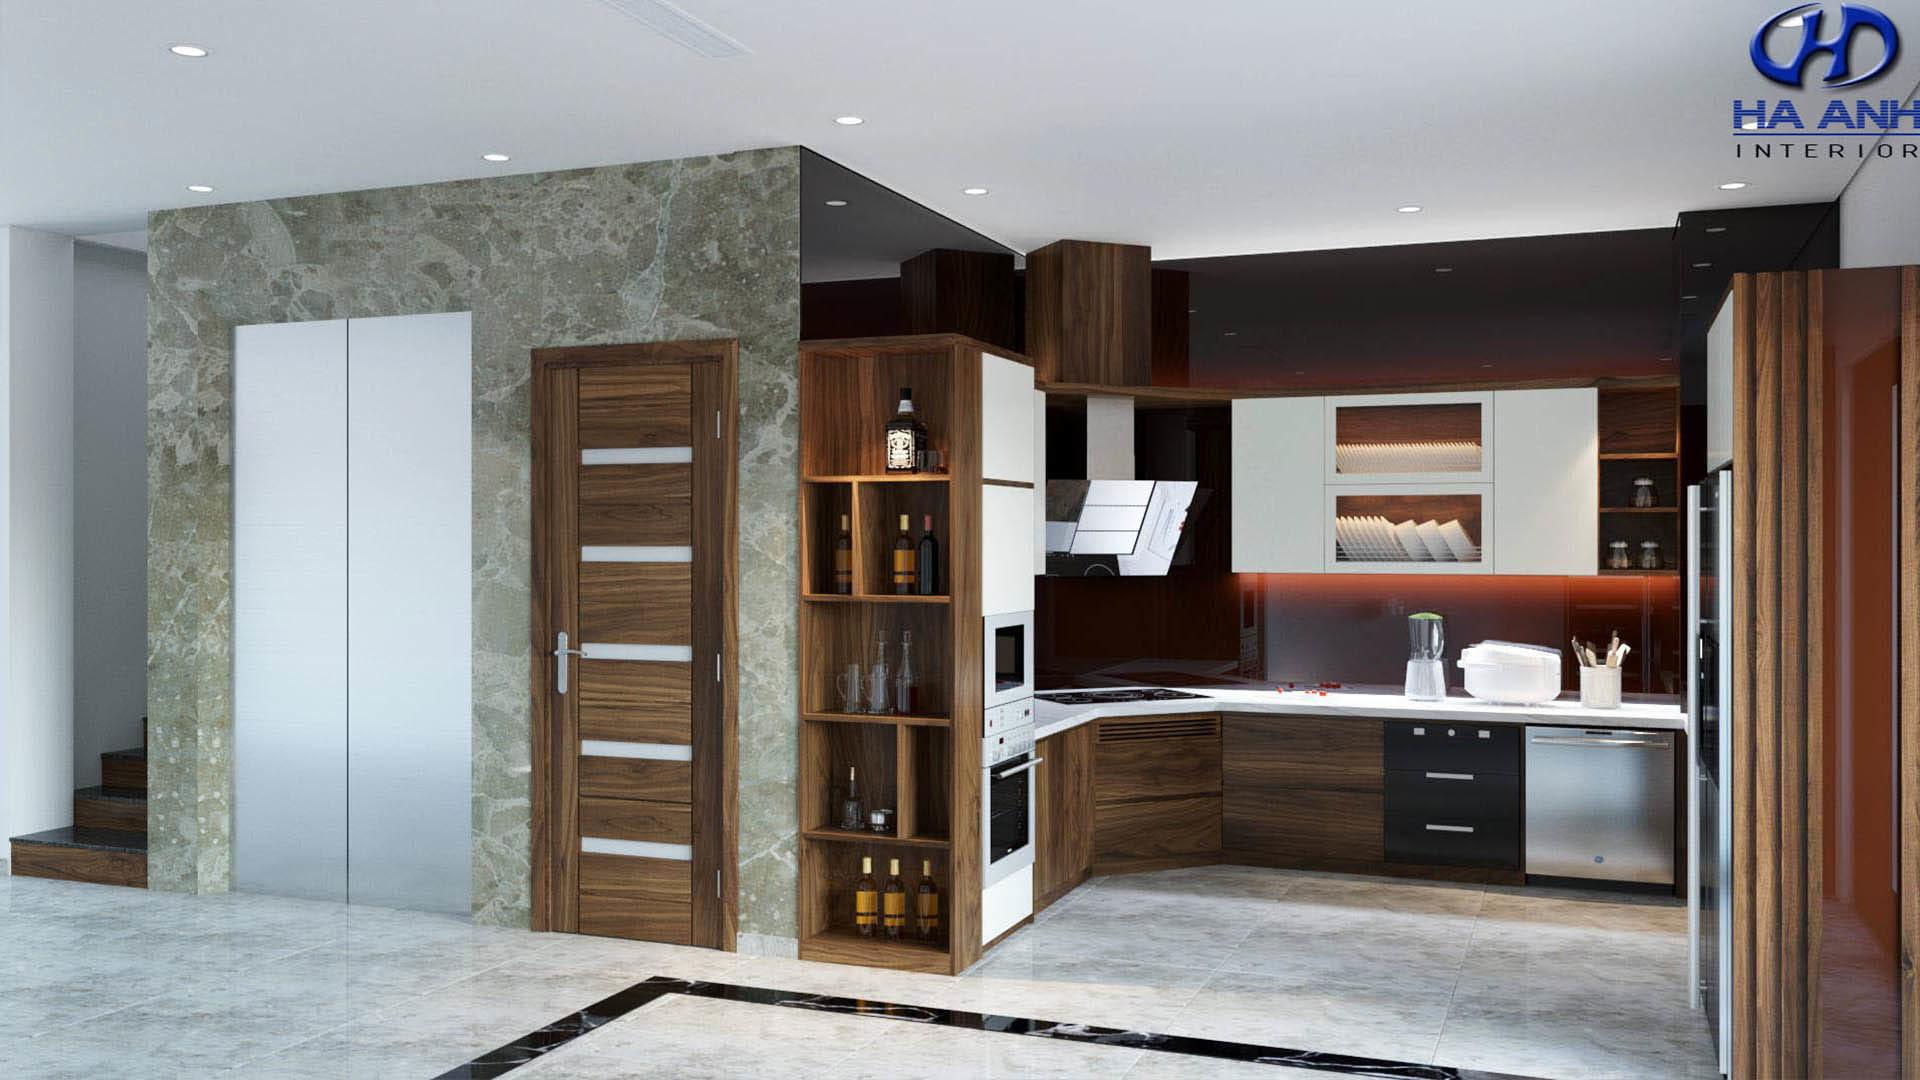 7 mẫu tủ bếp gỗ óc chó dành cho phòng bếp nhà bạn